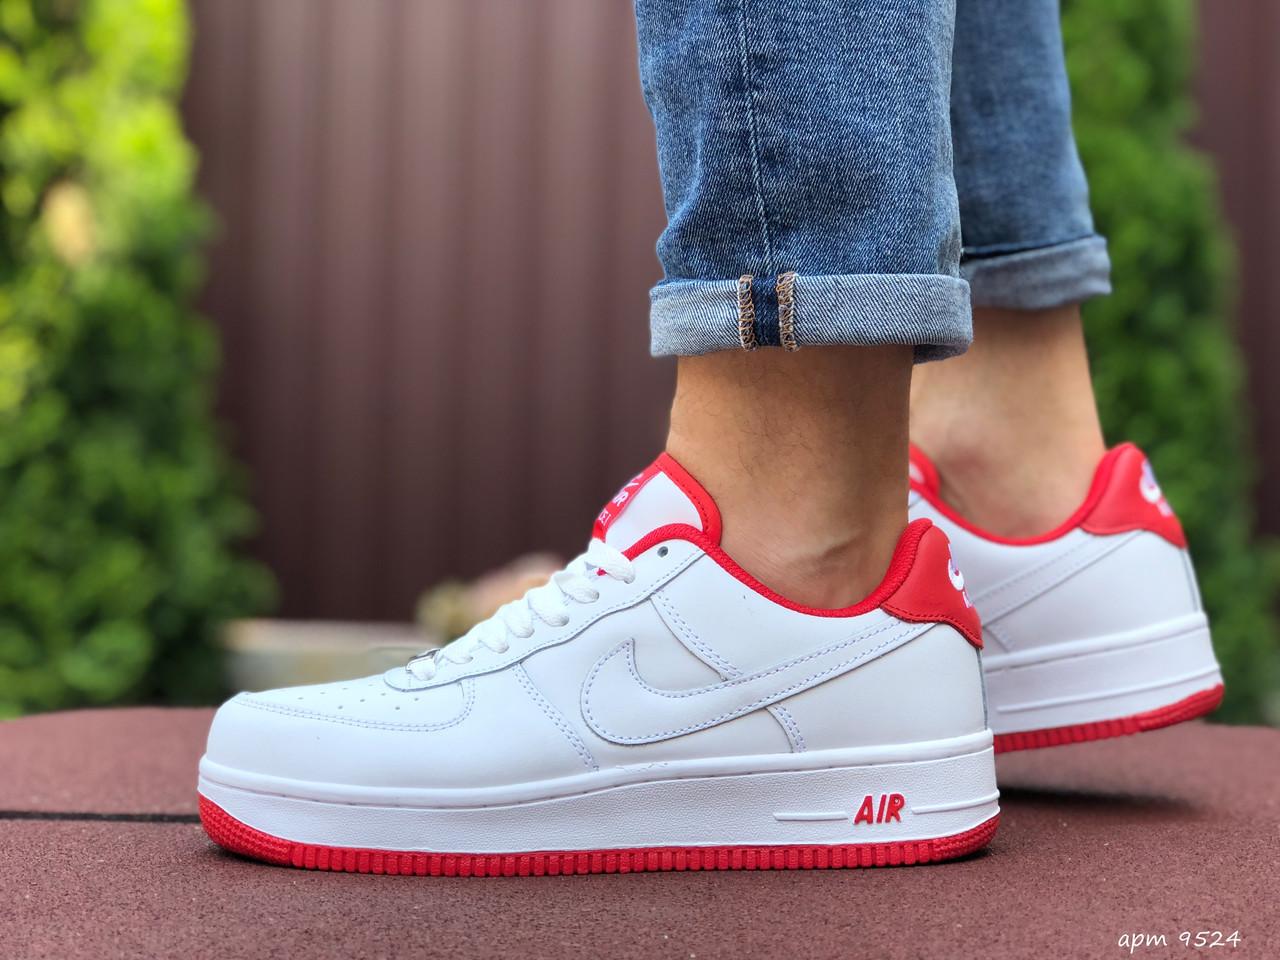 Чоловічі кросівки Nike Air Force, білі з червоним / Найк форс низькі / чоловічі кросівки (ТОП репліка ААА+)